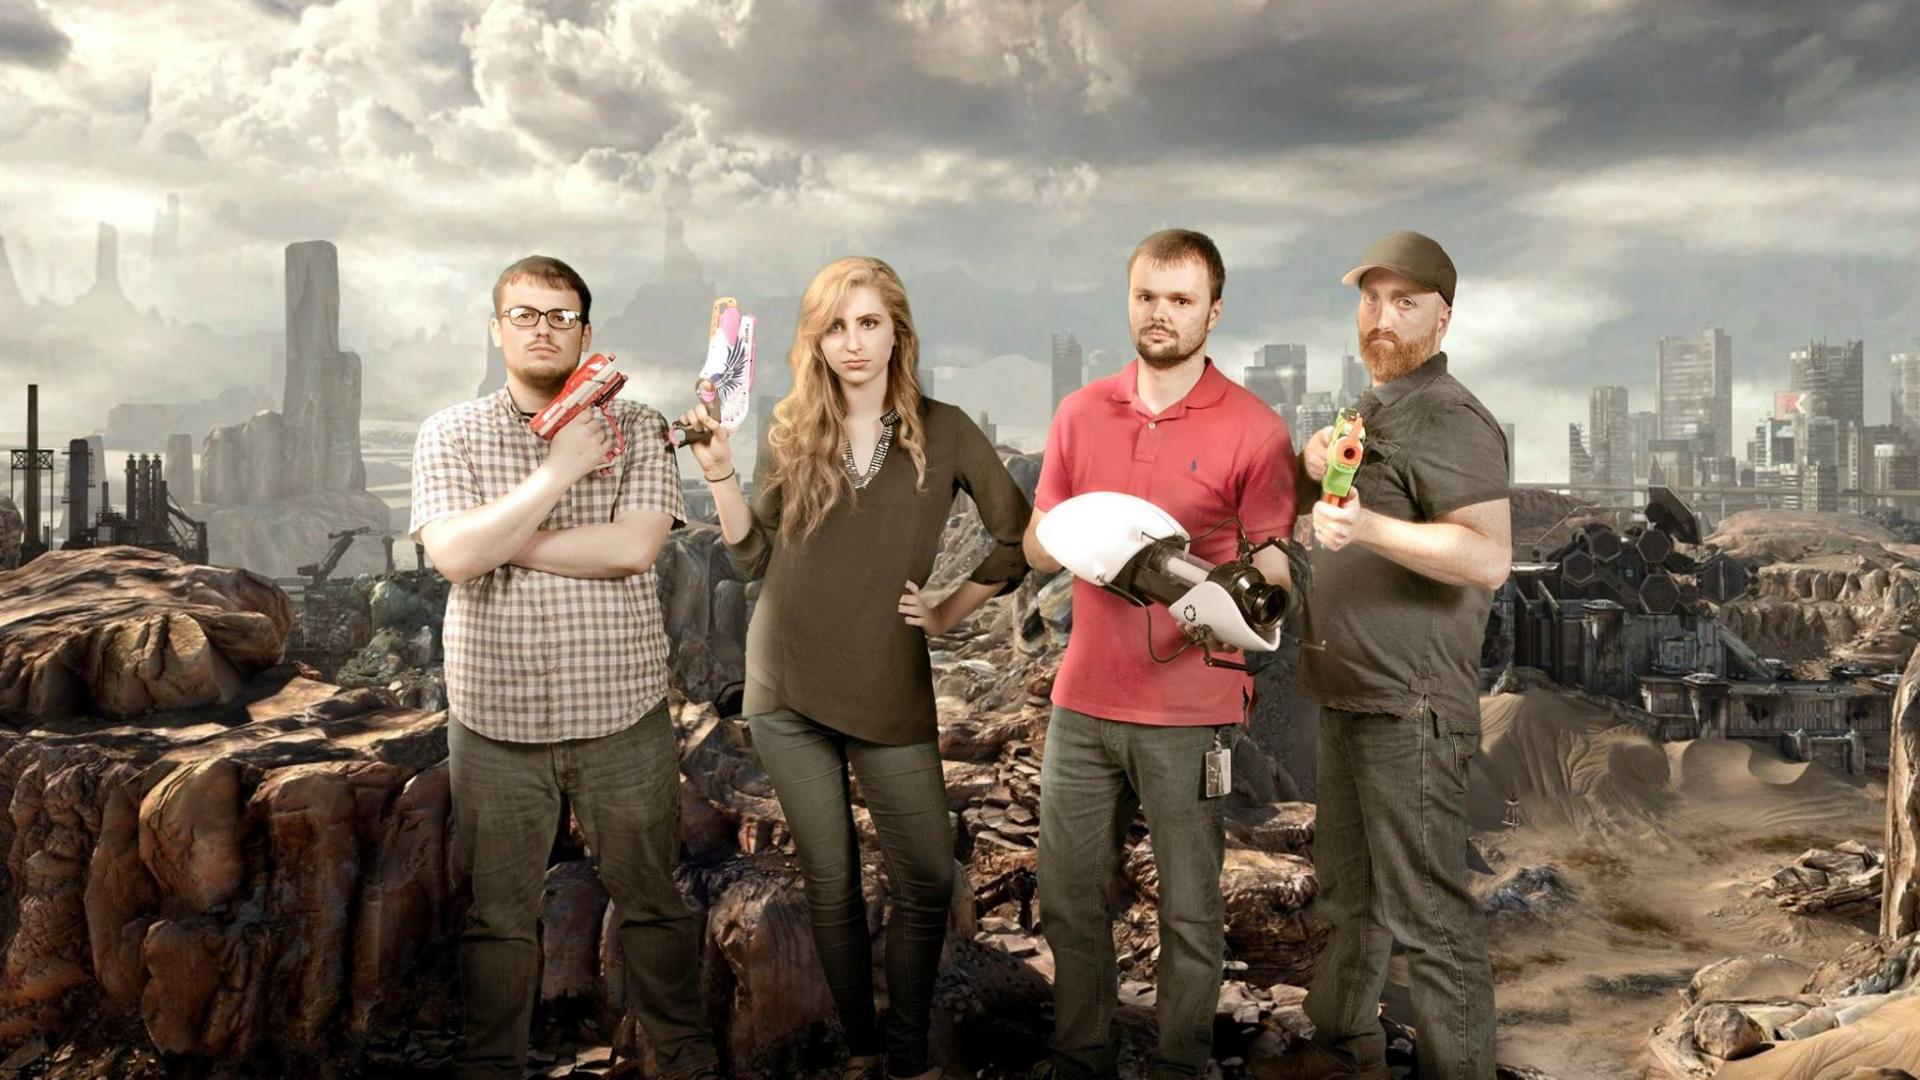 Backlot-Cinema-staff